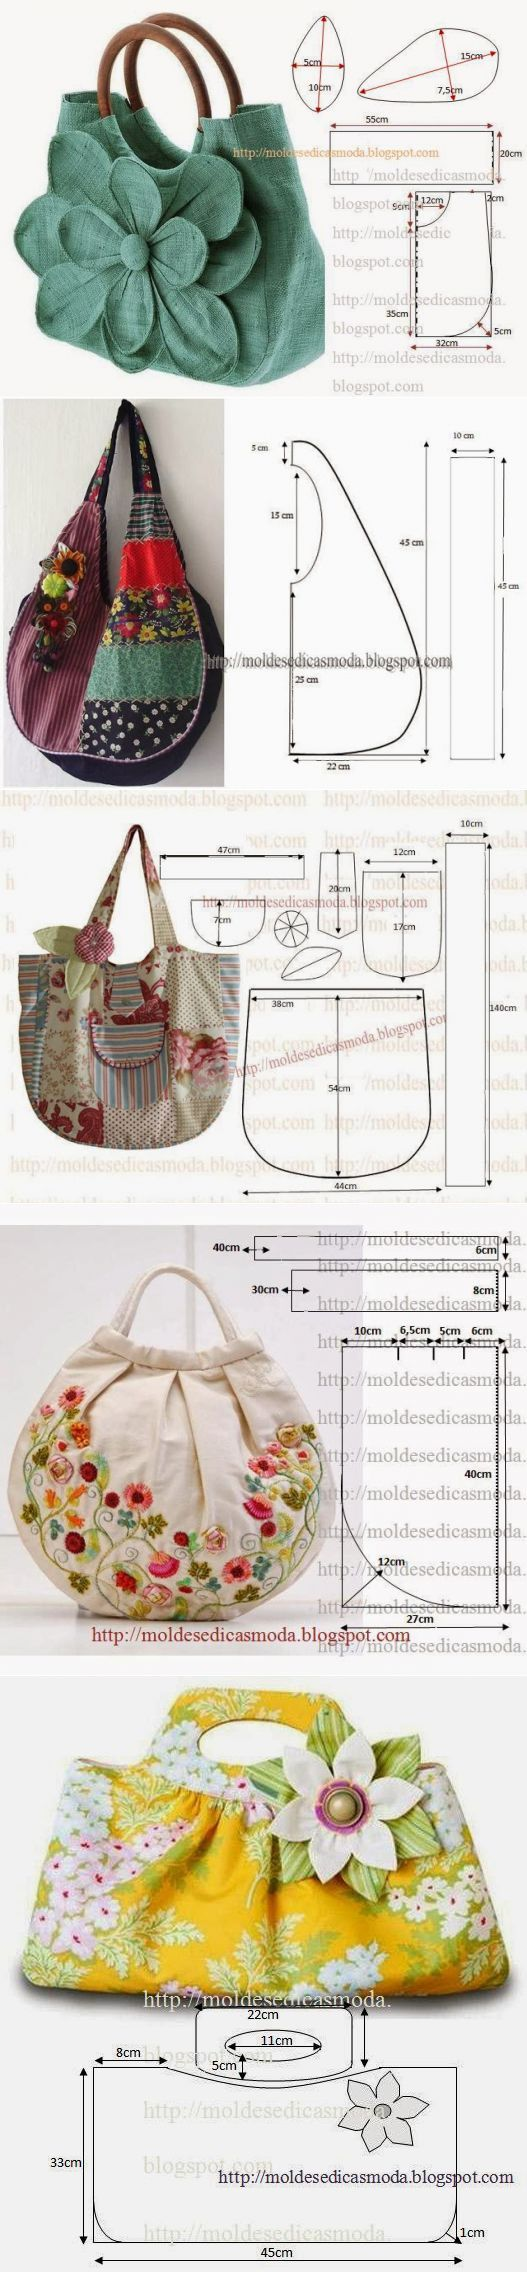 шитье | cosas para coser | Pinterest | Varios, Bolsos y Bolsas tela